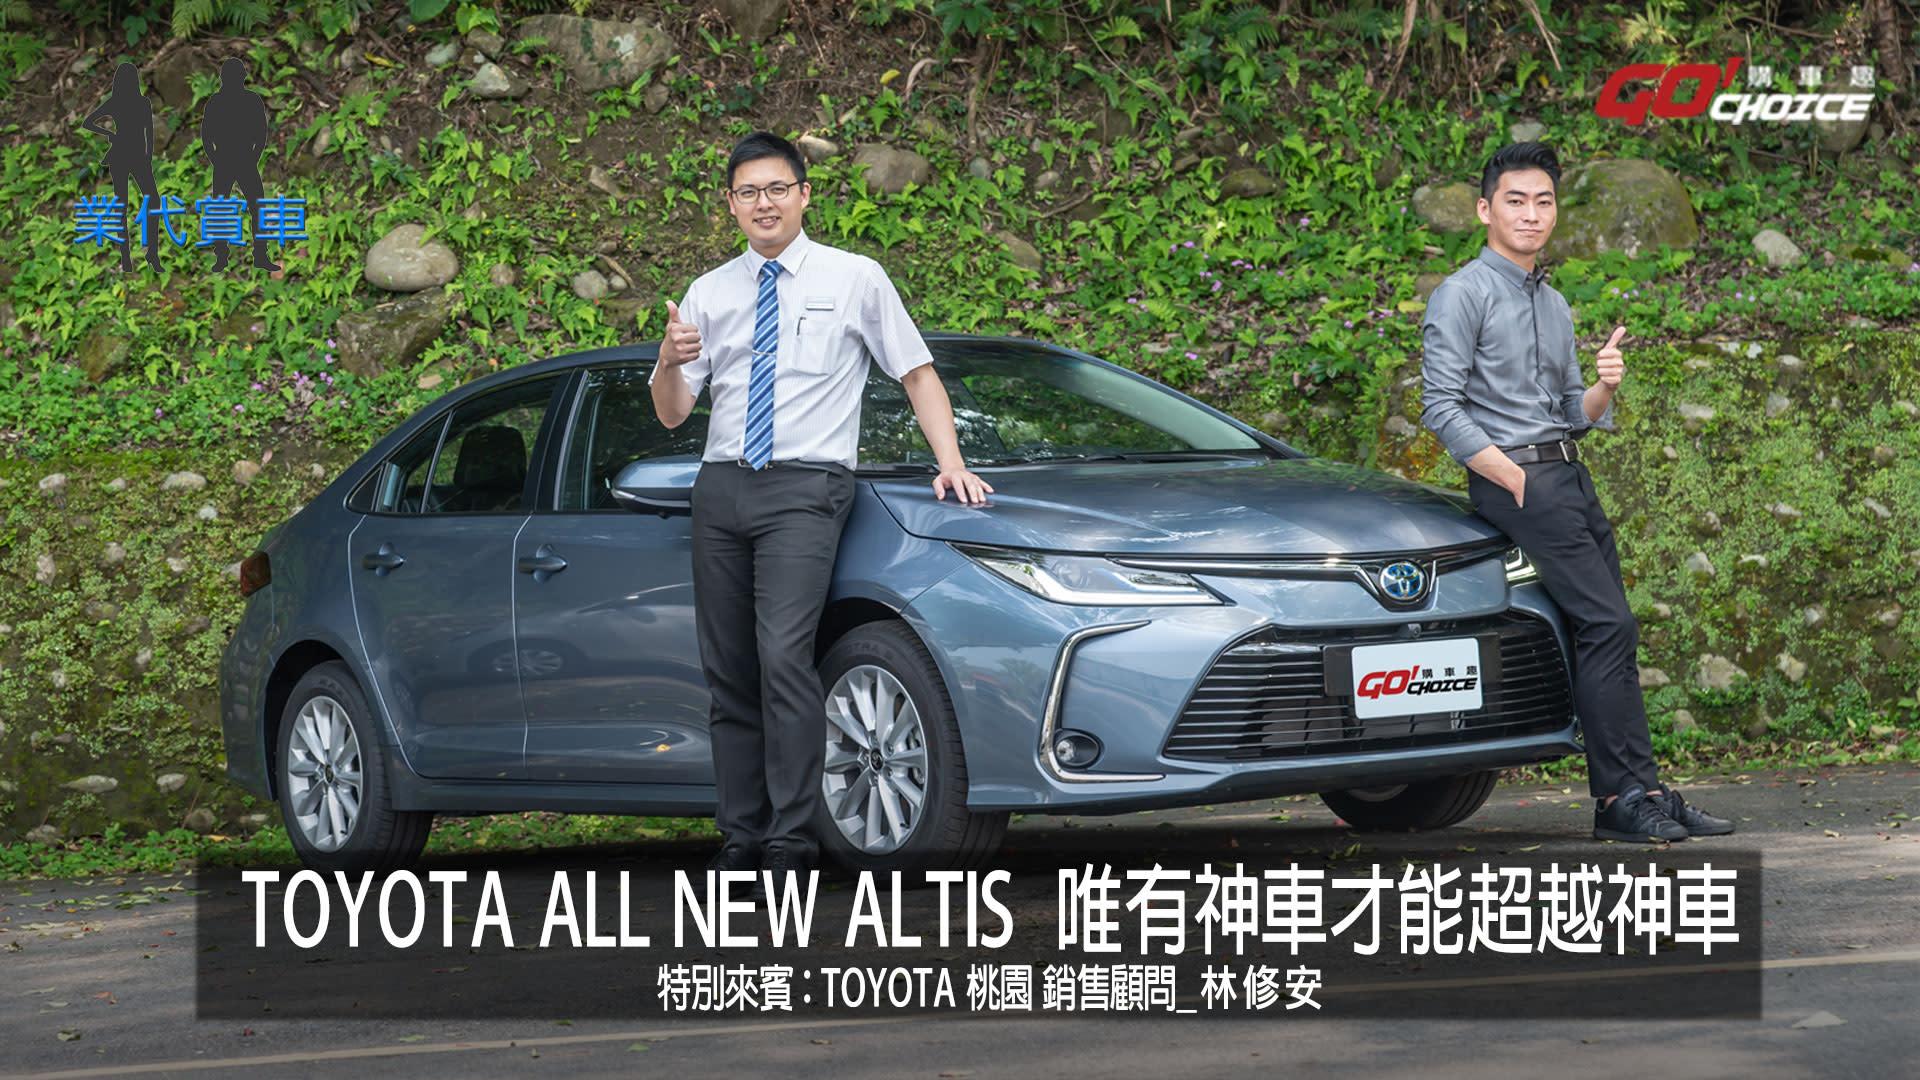 業代賞車-TOYOTA ALTIS HYBRID_特別來賓:TOYOTA桃園 銷售顧問_林修安